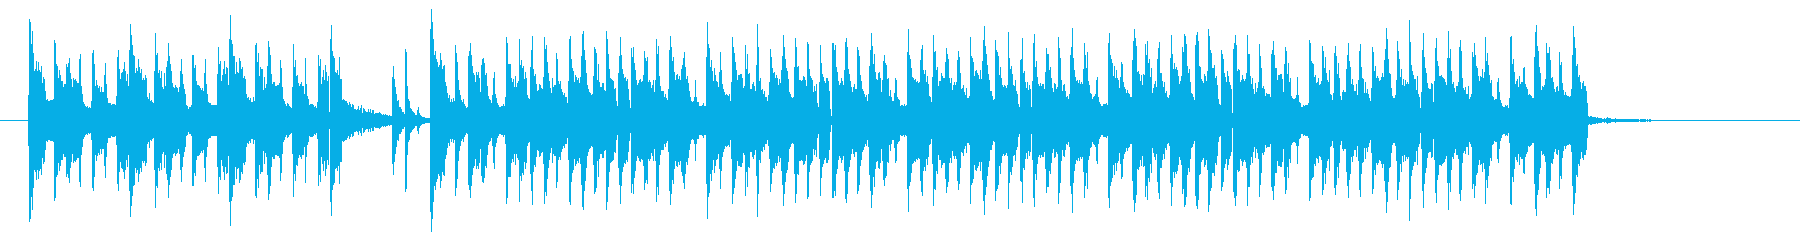 かっこいいギターサウンドのロックの再生済みの波形